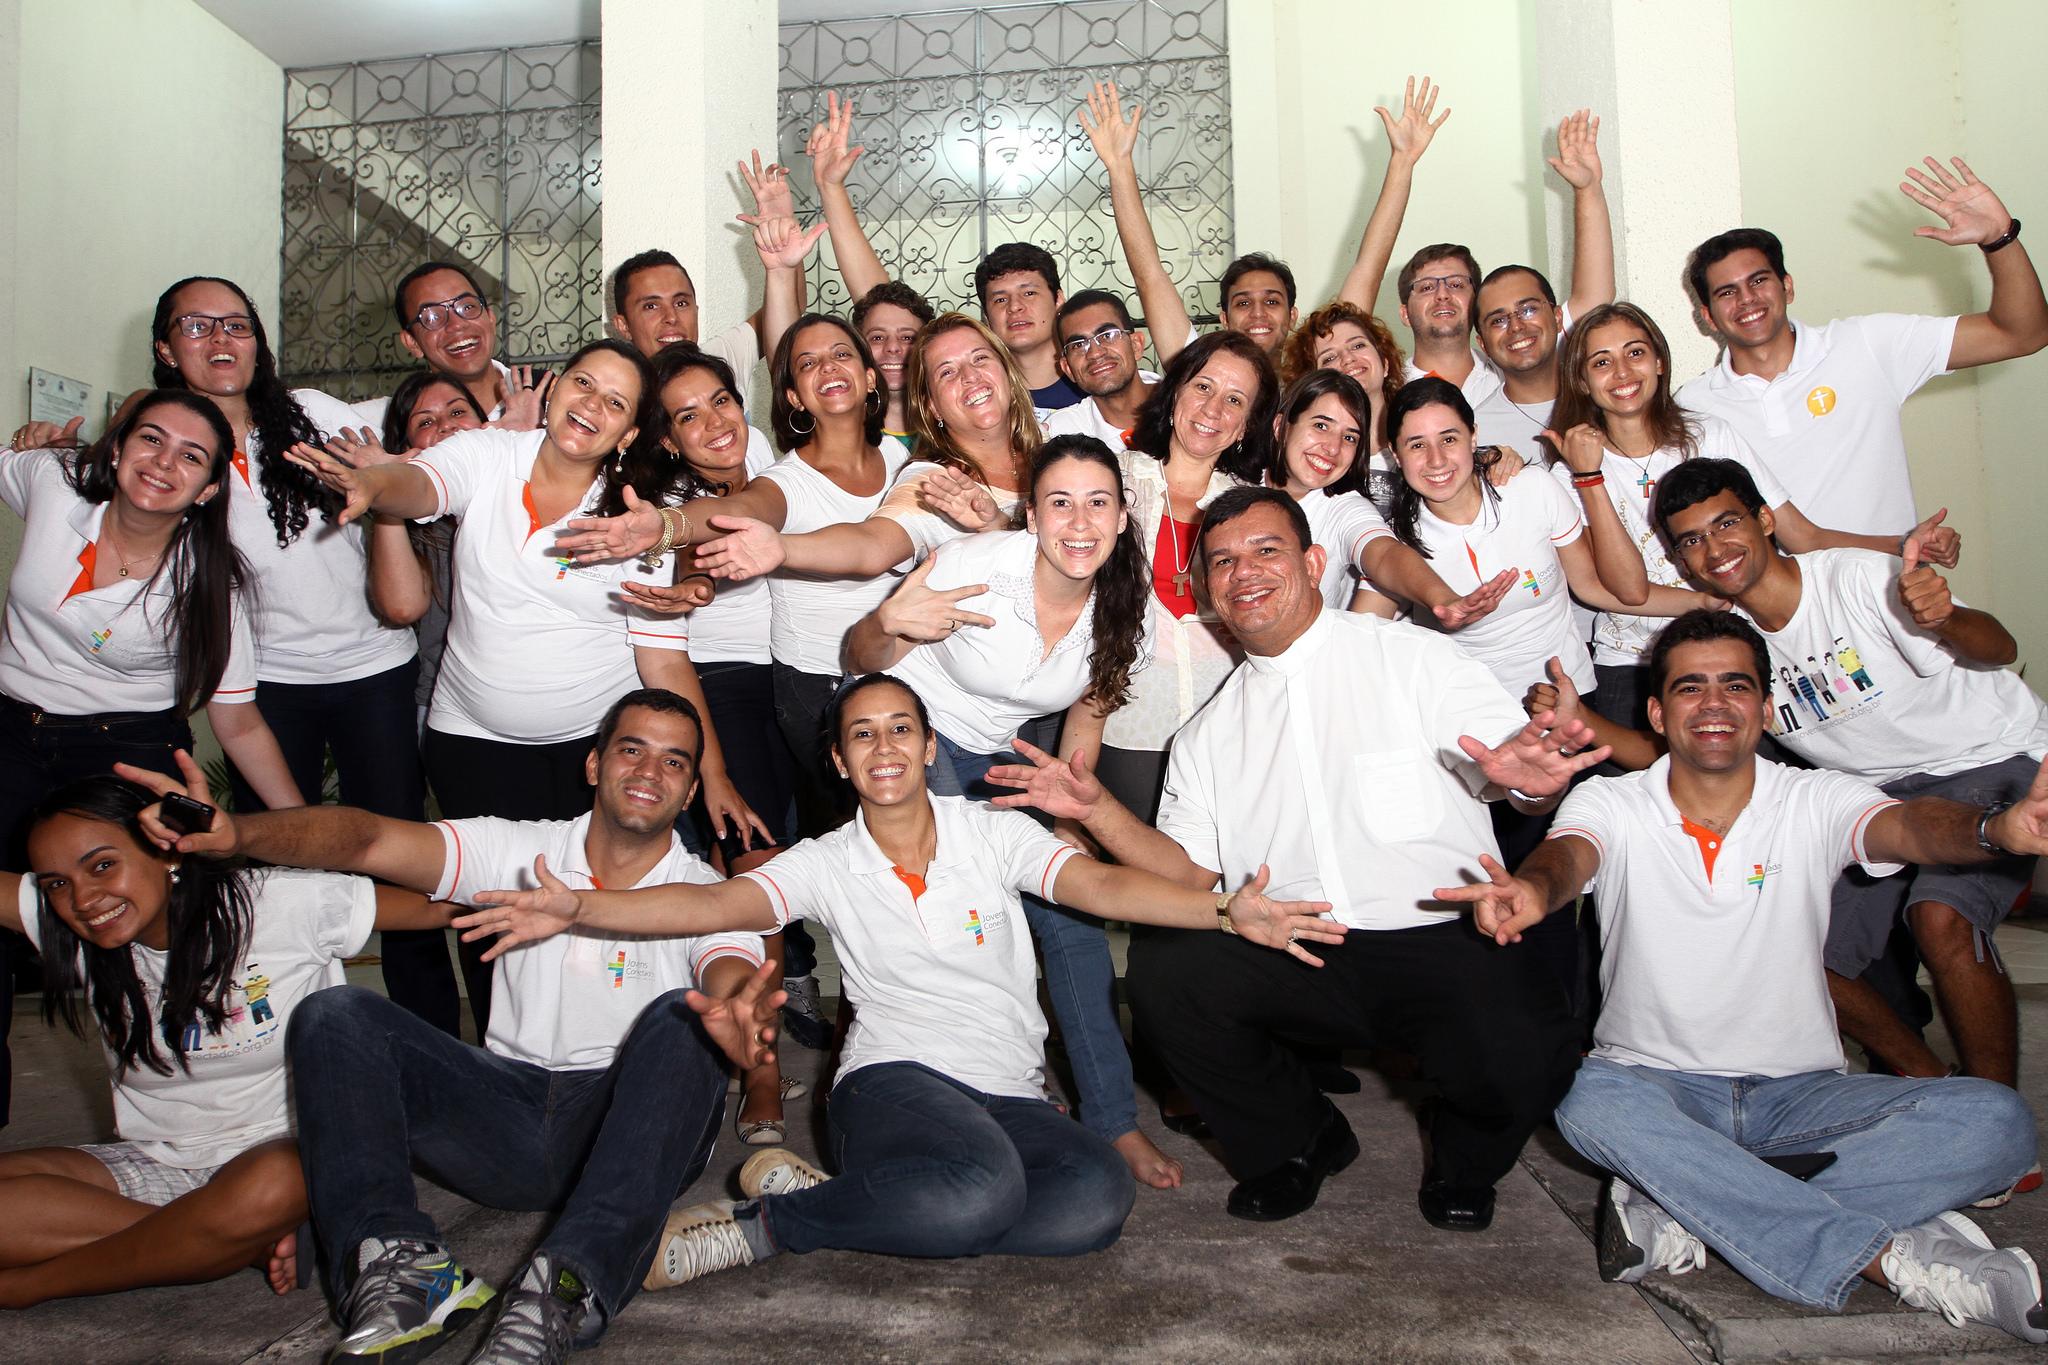 Jovens Conectados: Espaço de diálogo e unidade na diversidade